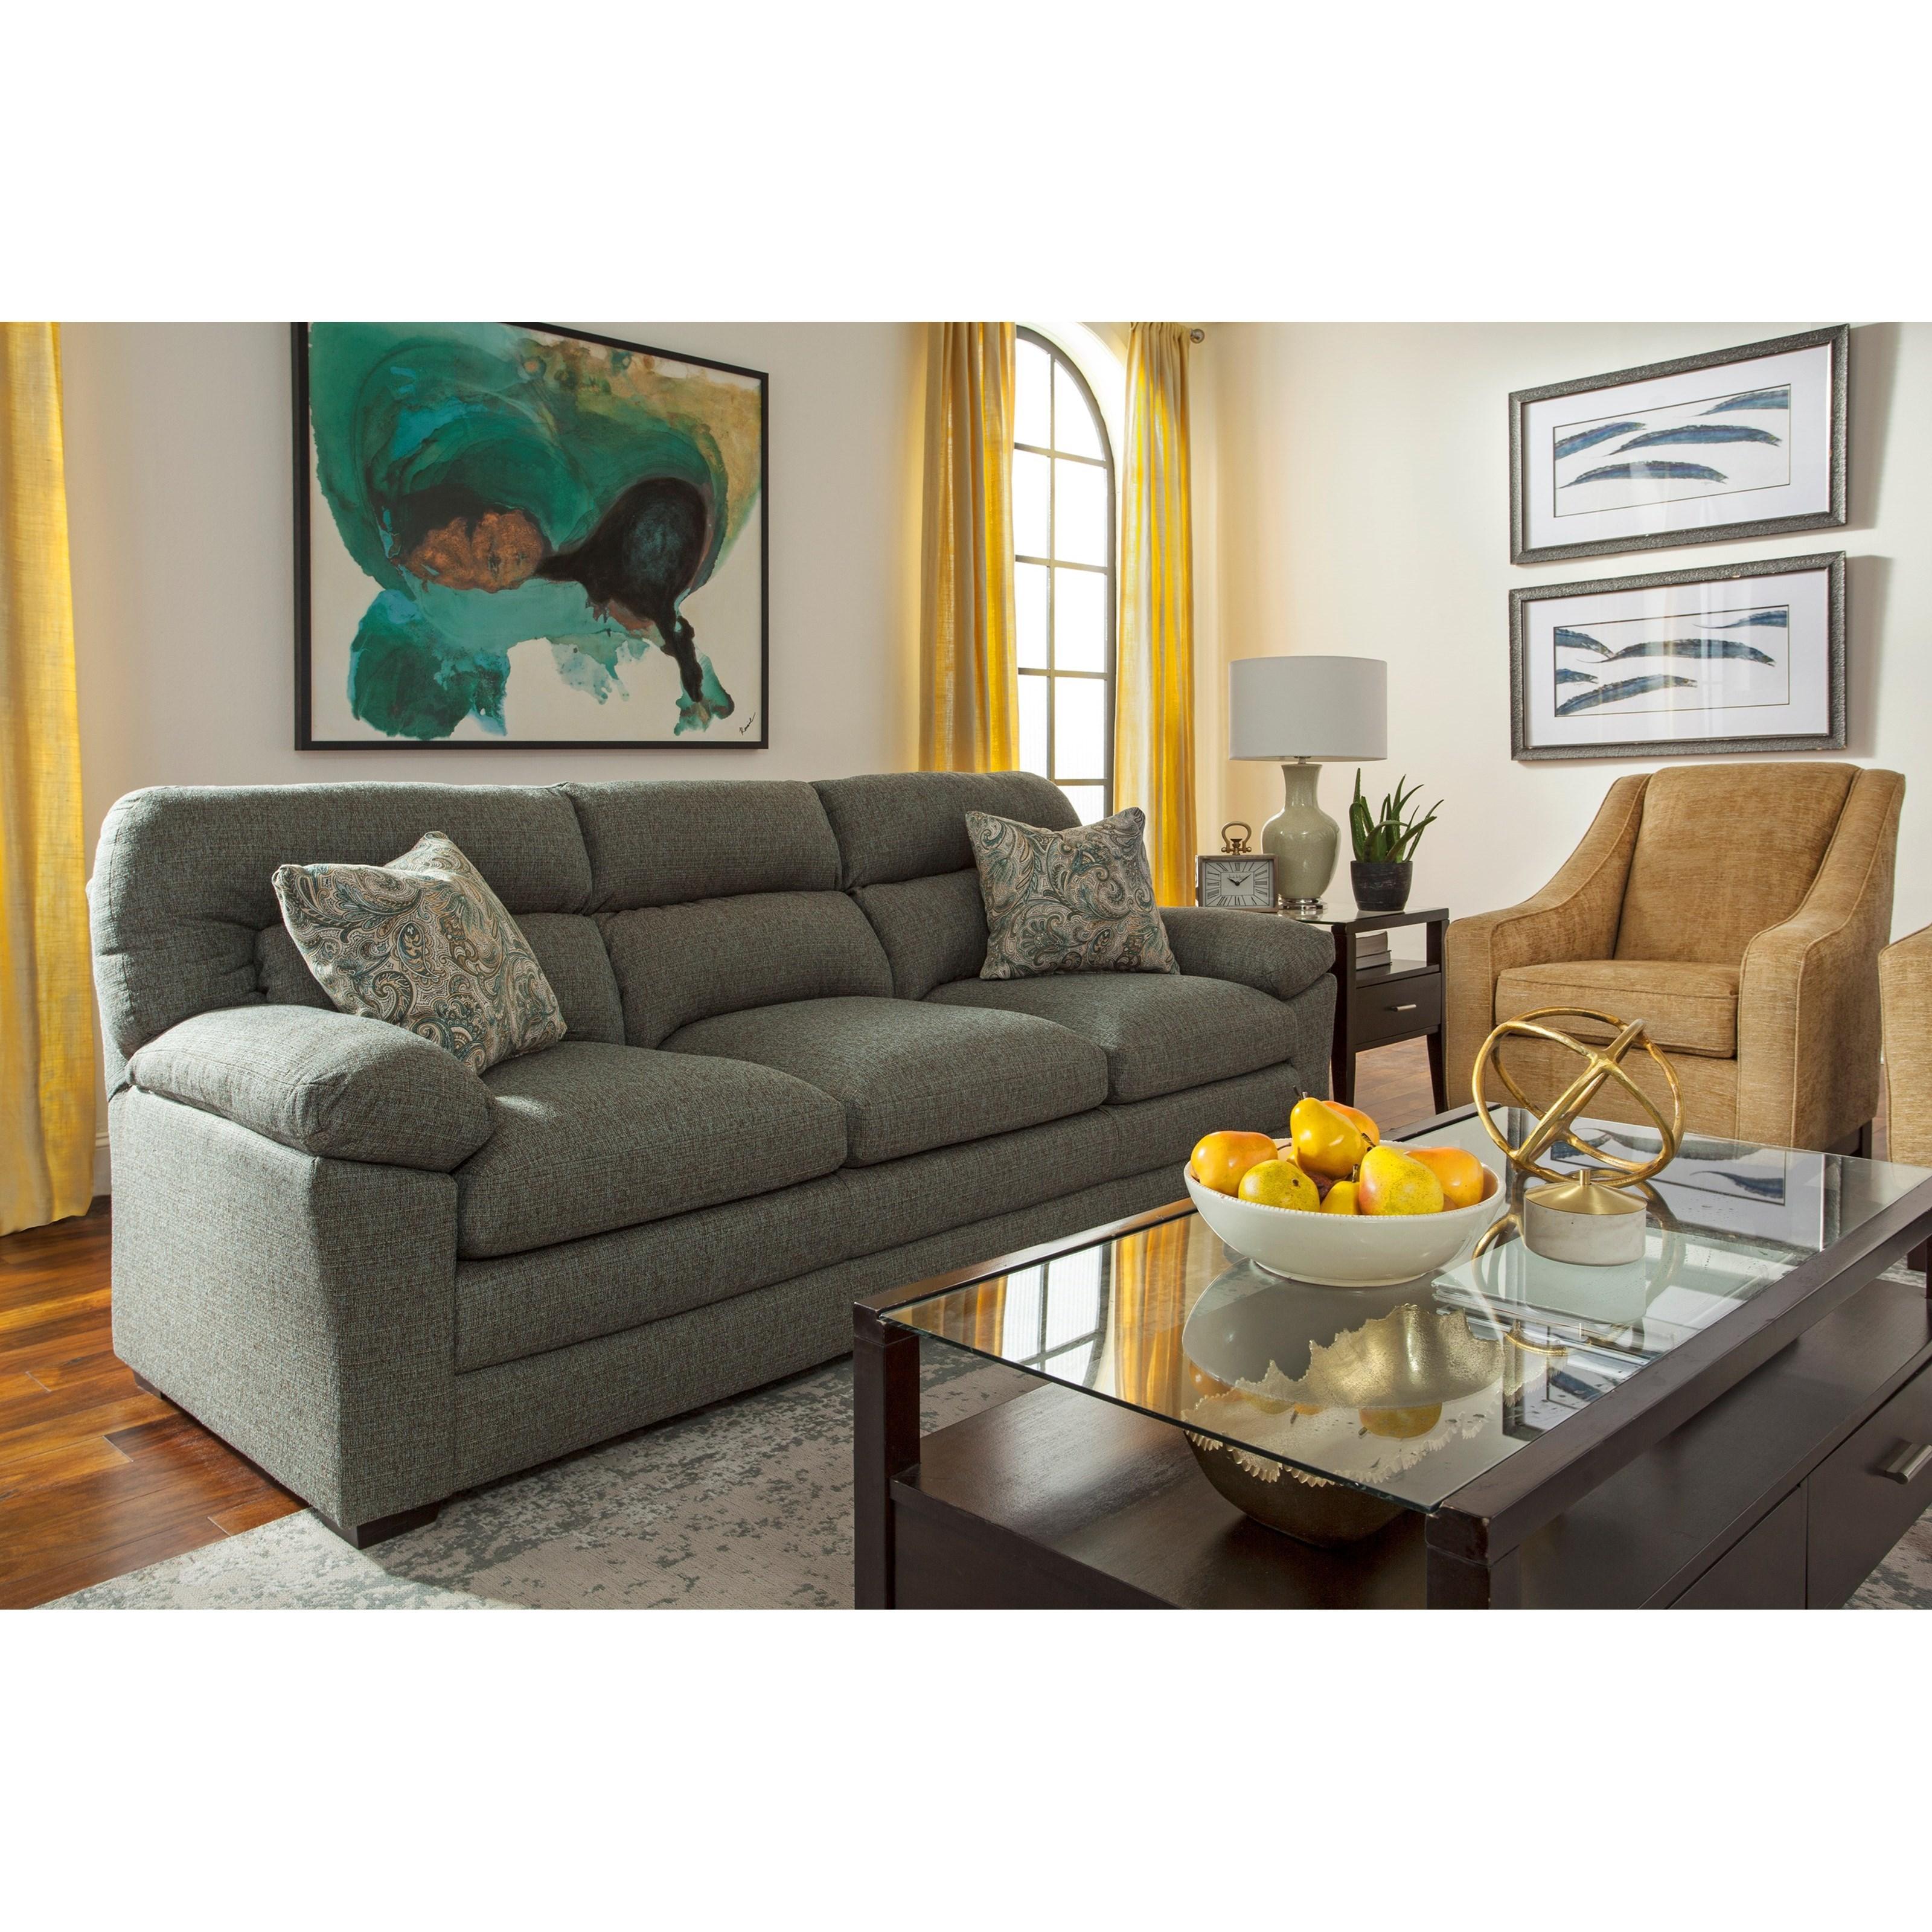 Home Furniture Sofa – Jerusalem House on newton sofa, franklin sofa, louis sofa, emma sofa, chester sofa, olive sofa, jane sofa, emily sofa, henry sofa, alex sofa,